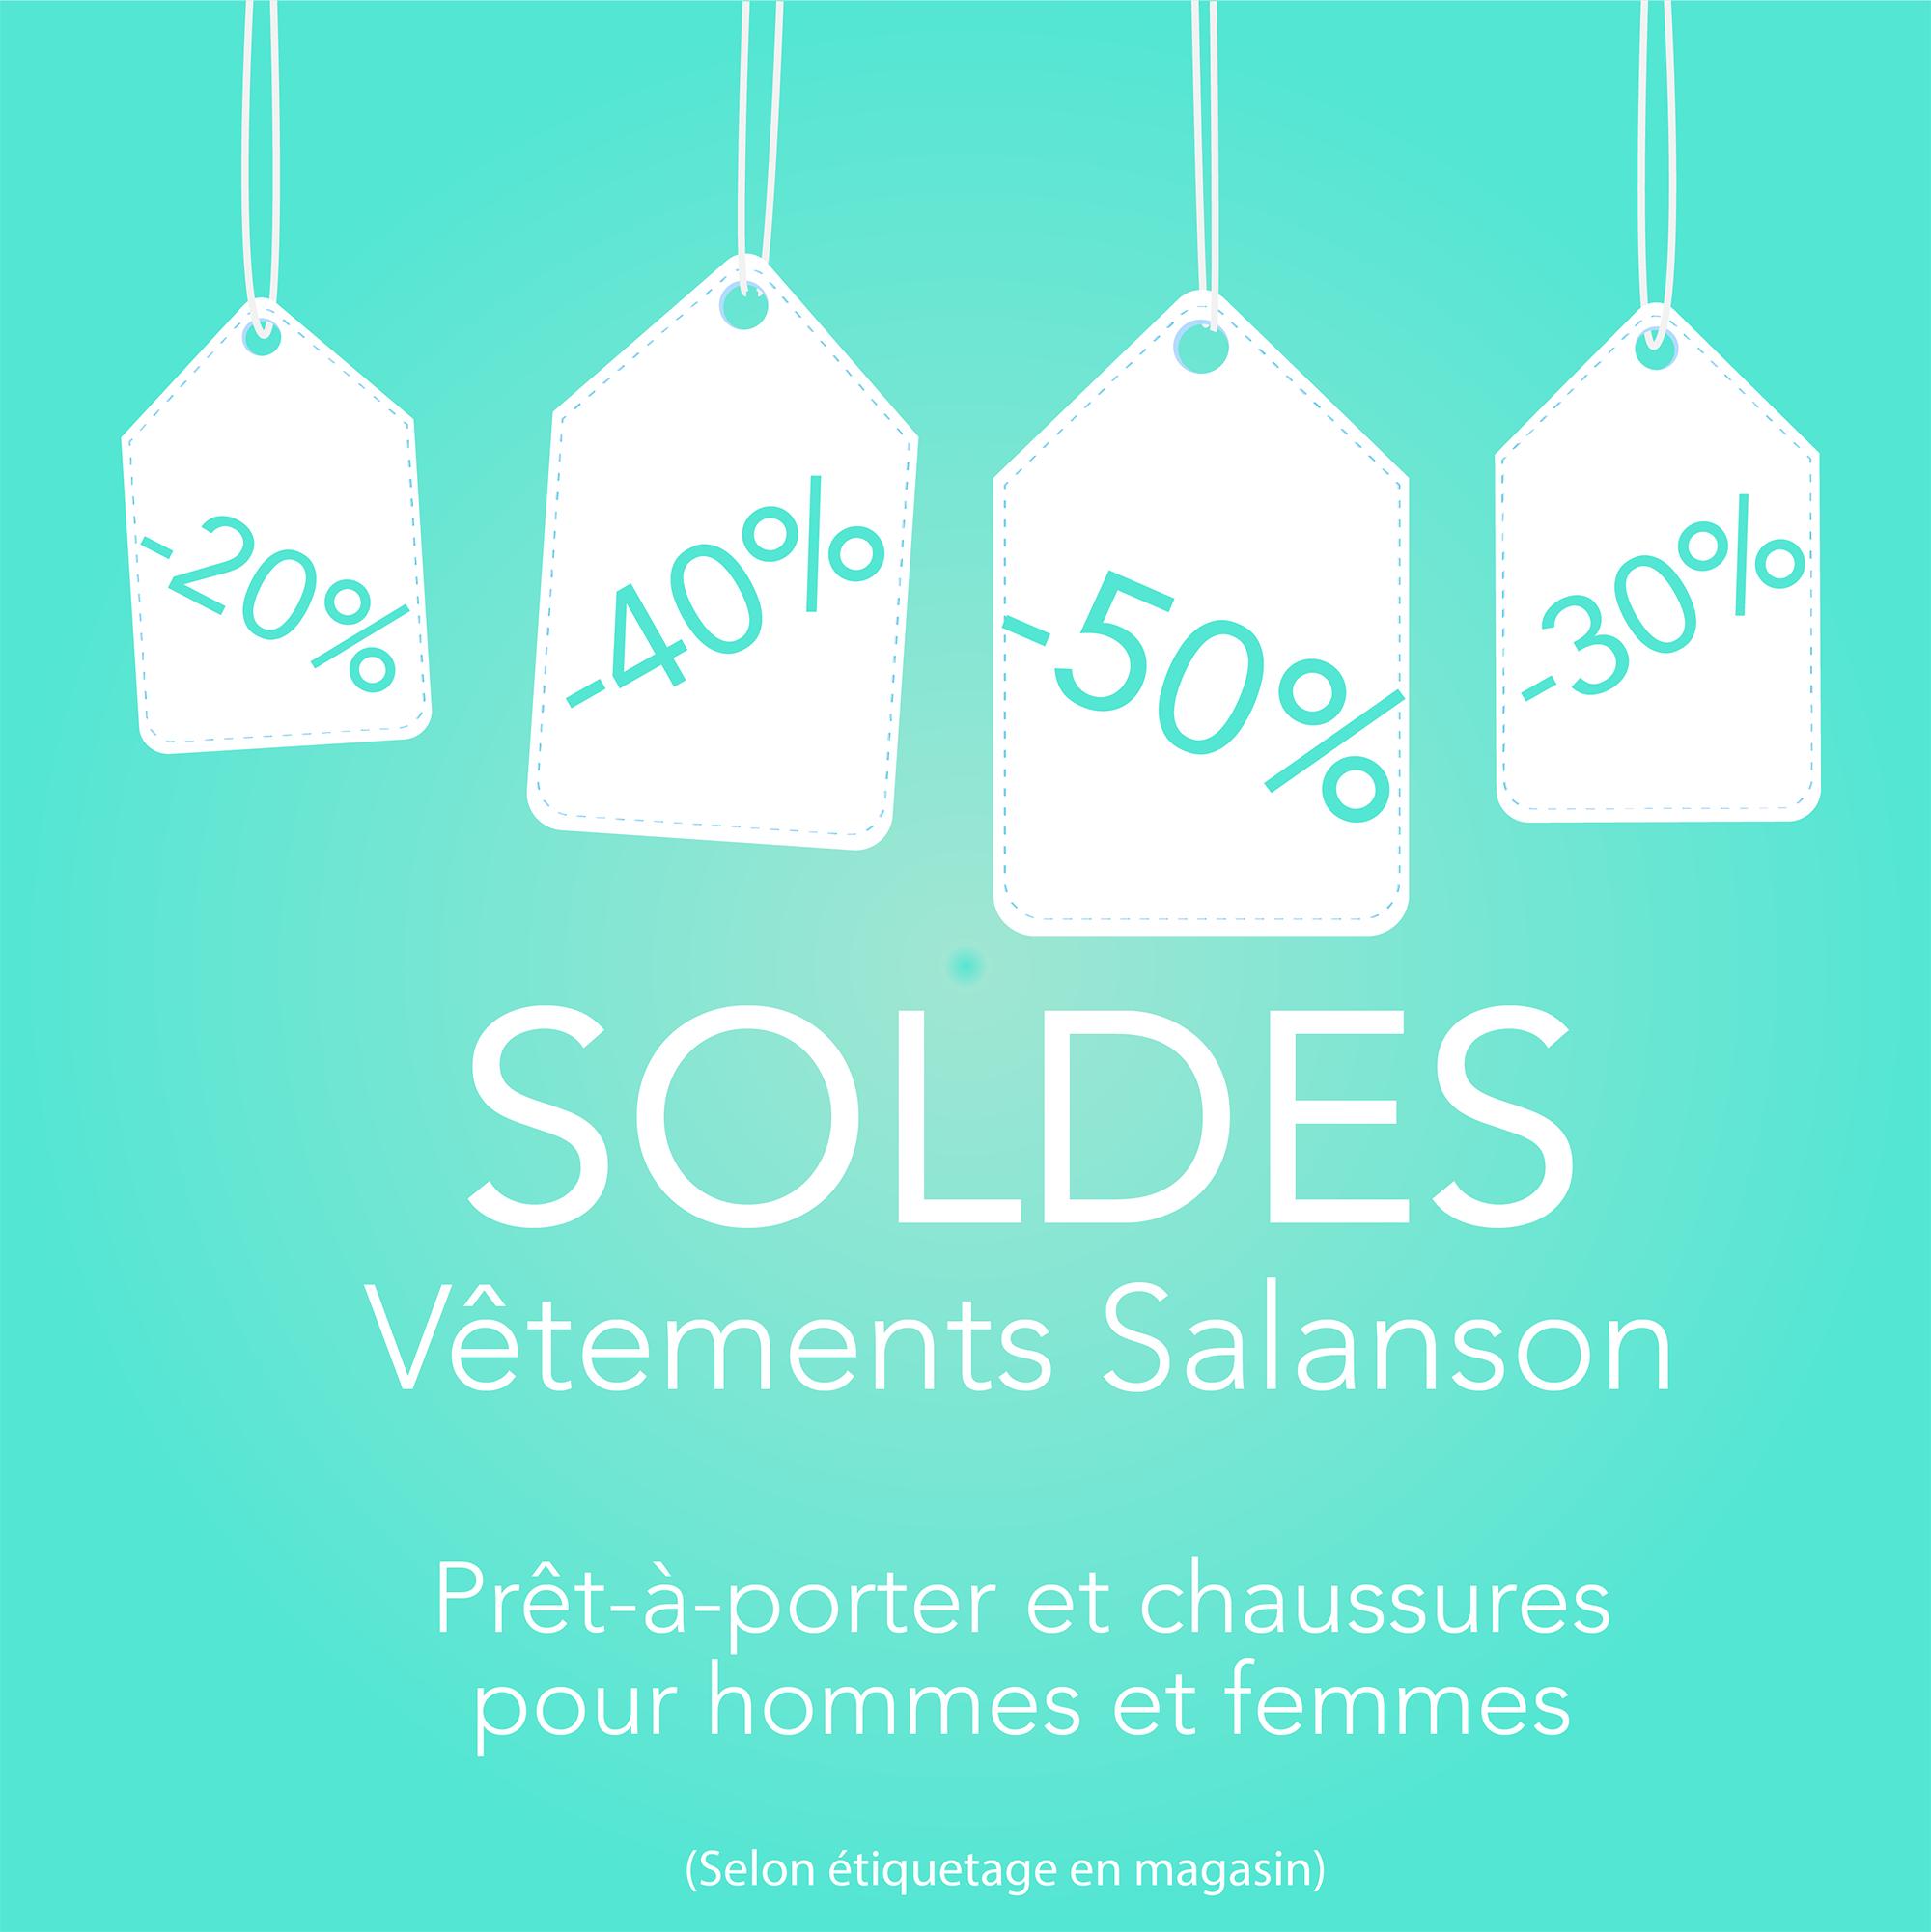 soldes-vetements-salanson-juillet